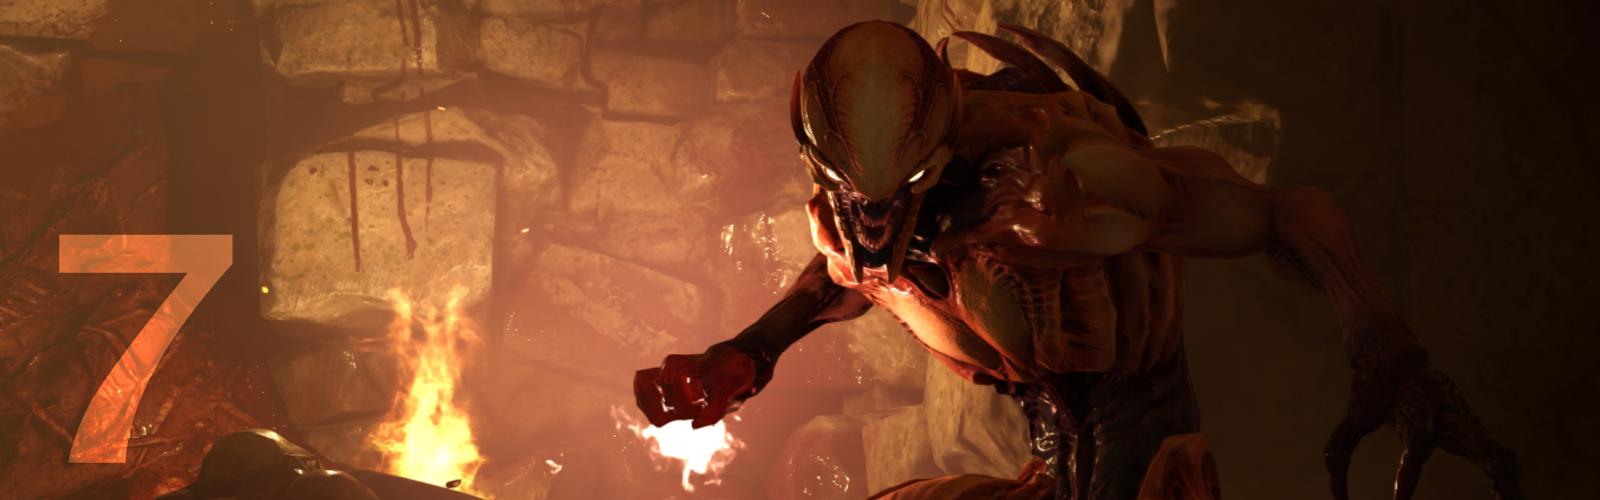 Doom GOTY 2016